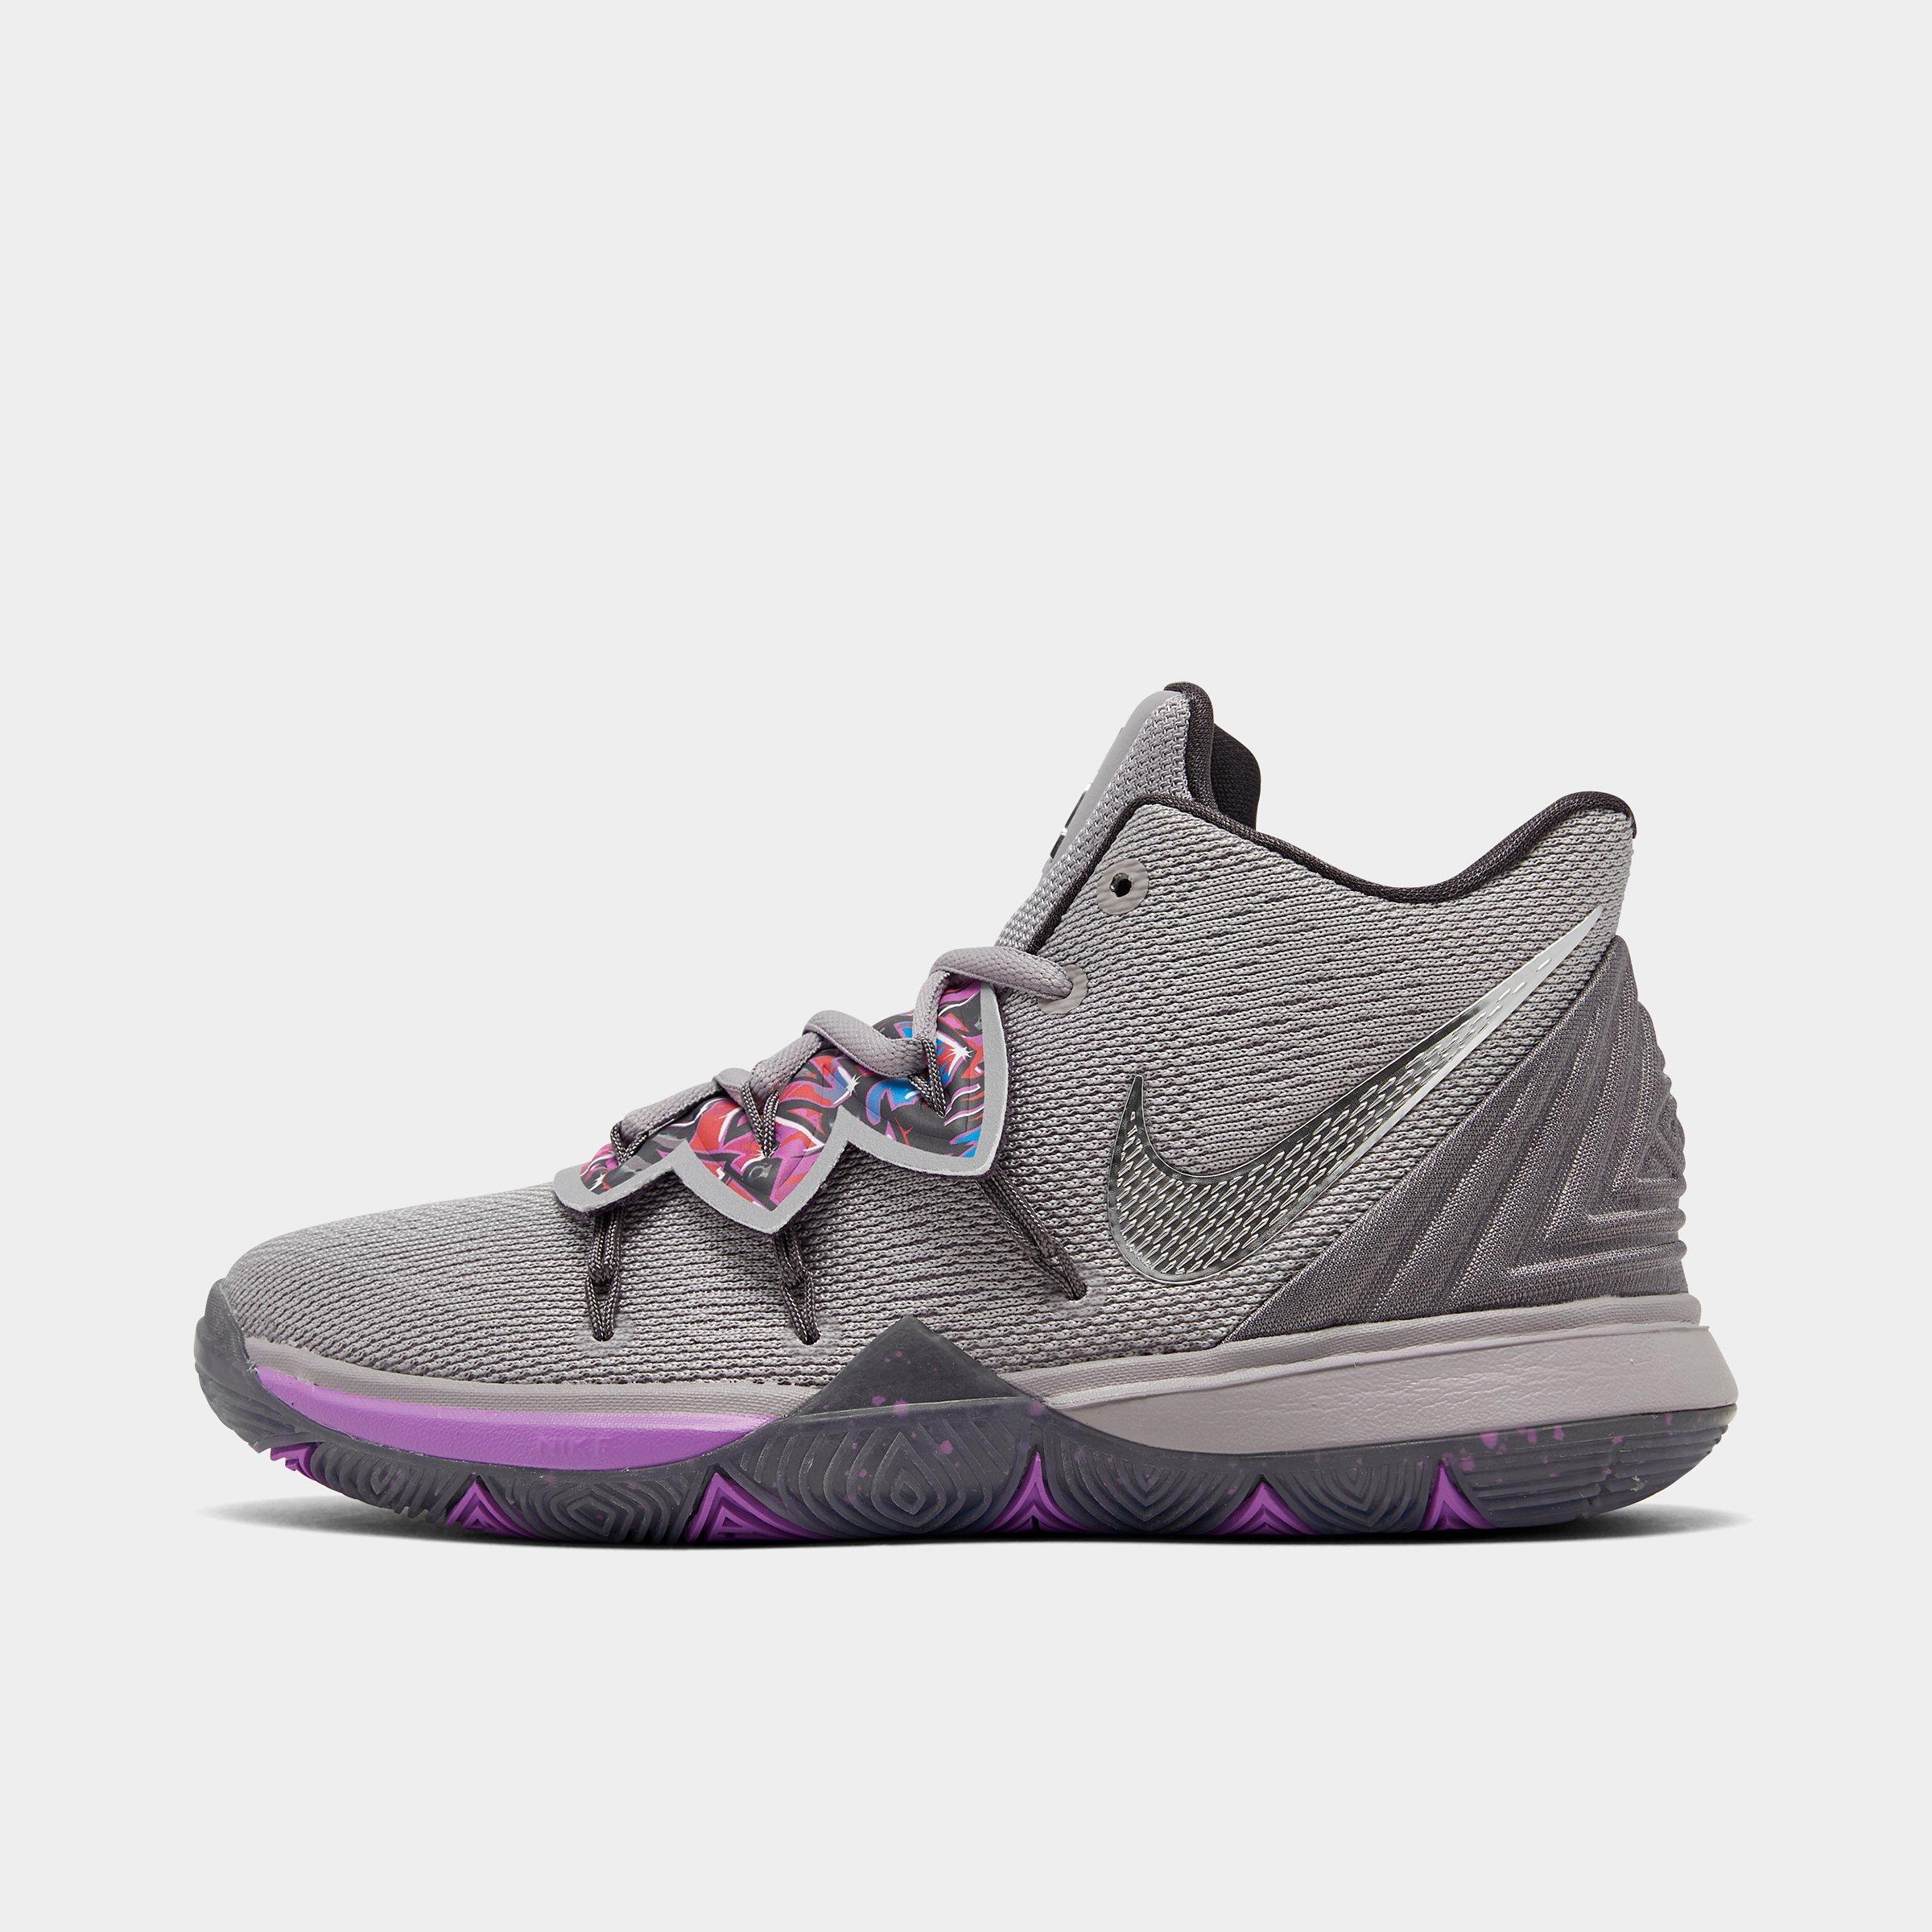 Big Kids' Nike Kyrie 5 Basketball Shoes